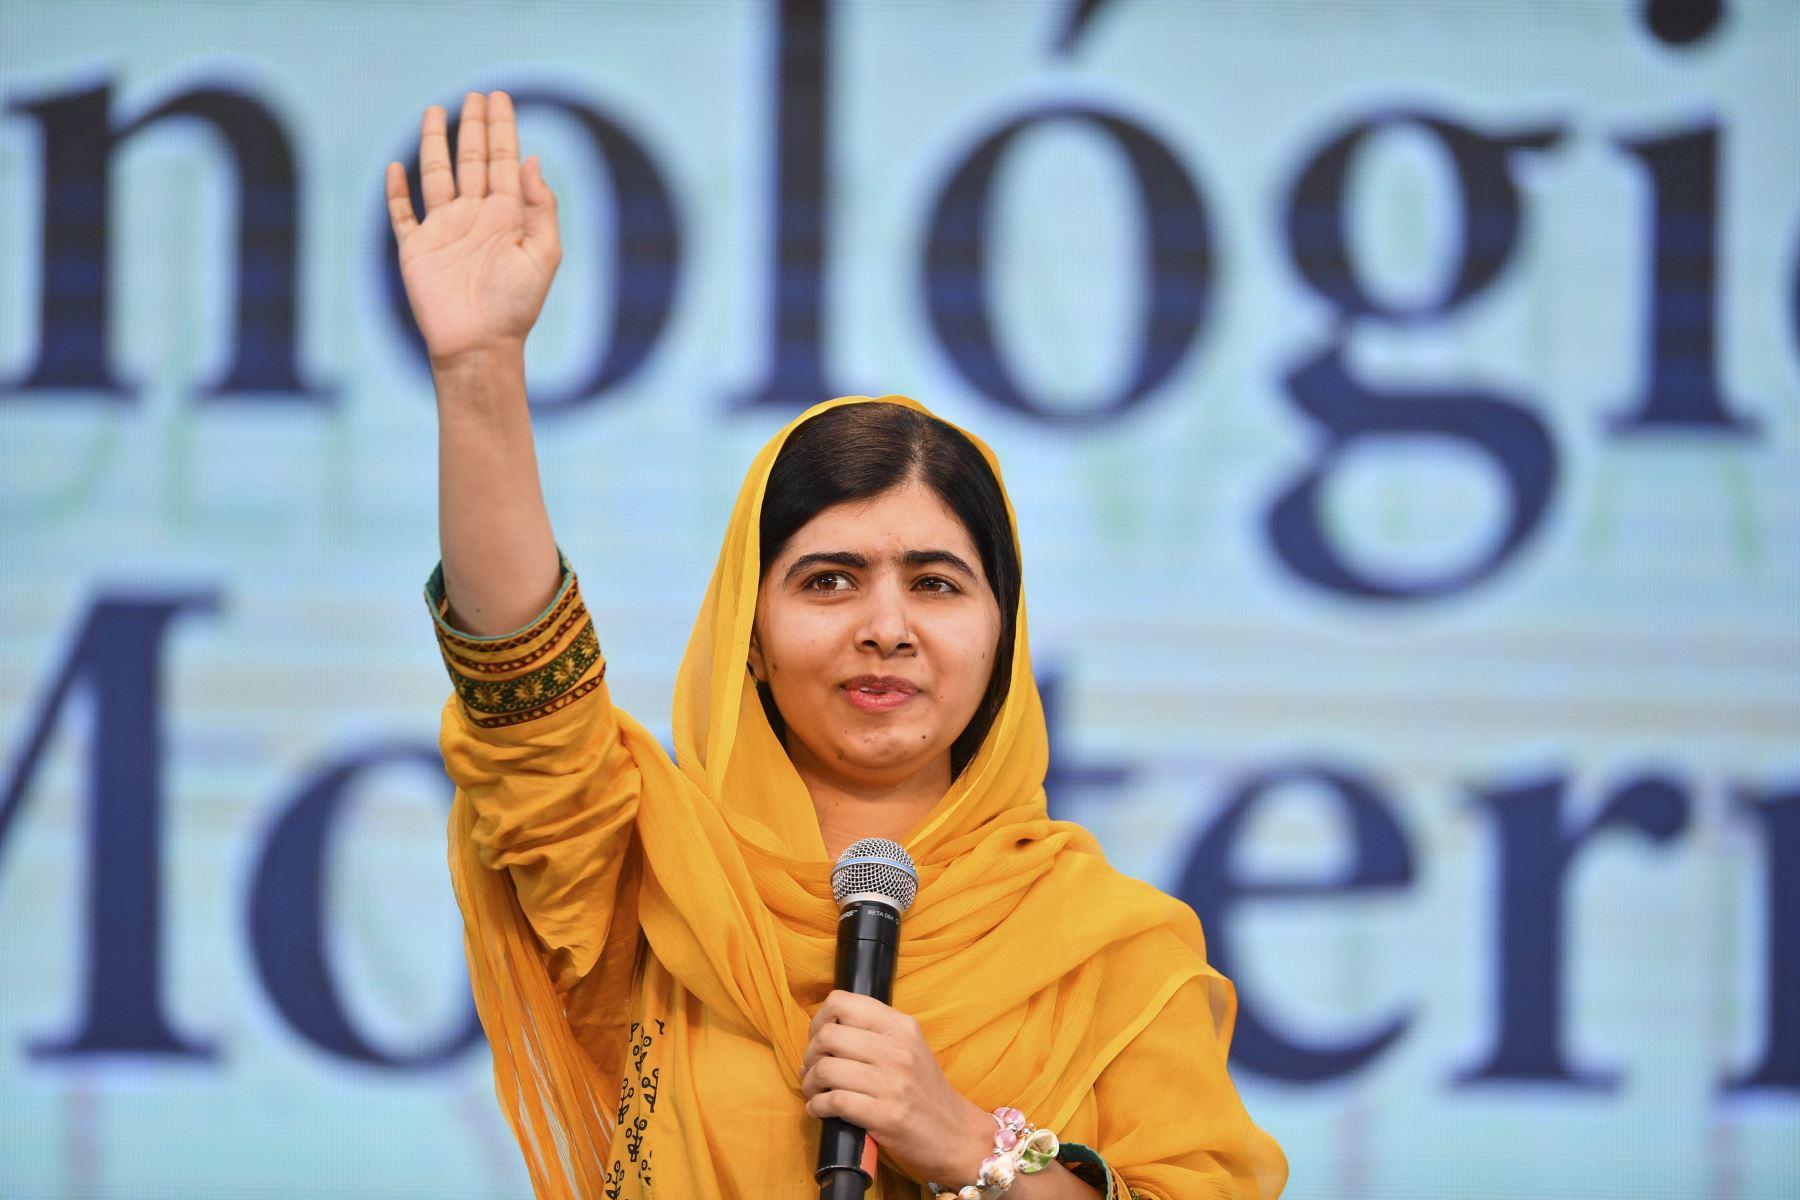 """Malala Yousafzai (Activista y bloguera) """"Así que sí, soy feminista, y todas deberíamos serlo, porque la palabra feminismo no es otra cosa que igualdad"""". Foto: AFP"""